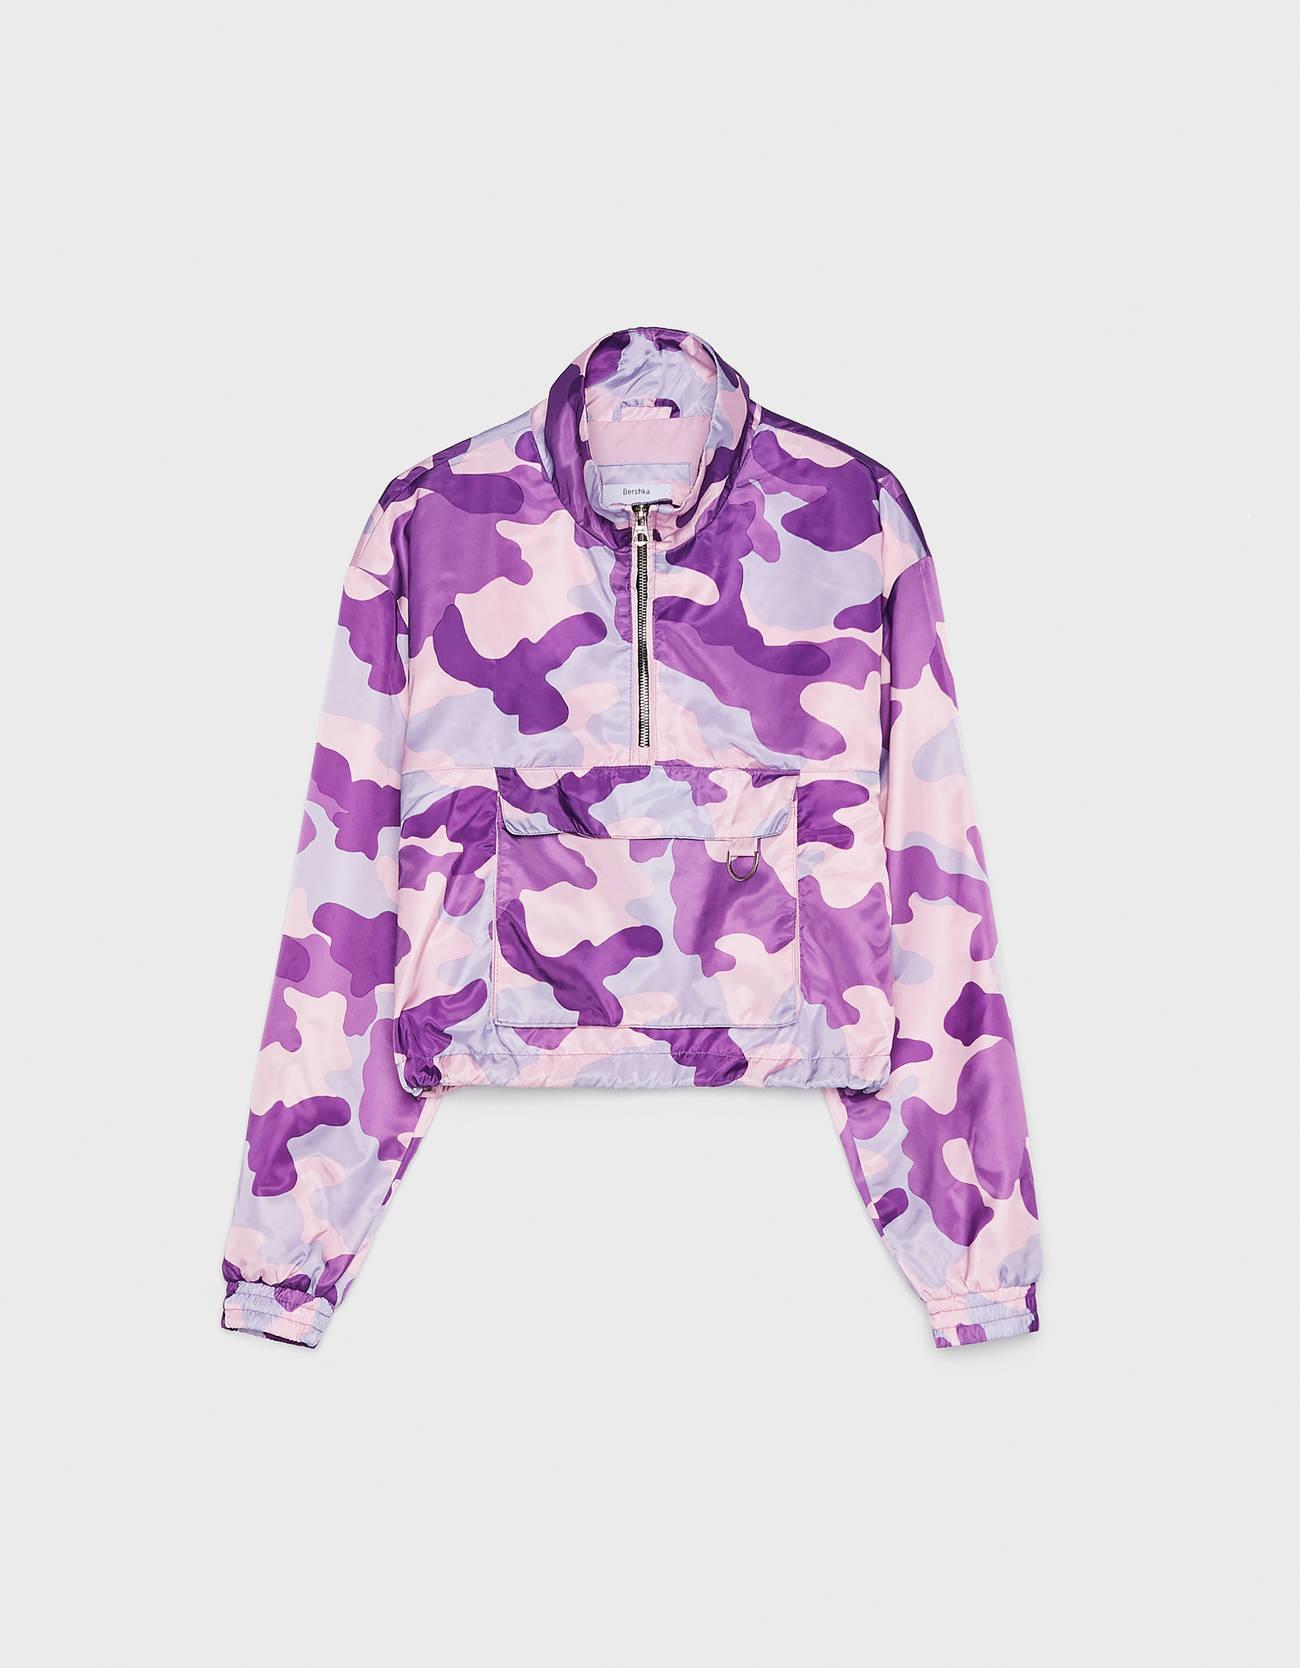 Куртка с камуфляжным принтом и карманом в стиле худи Фиолетовый Bershka